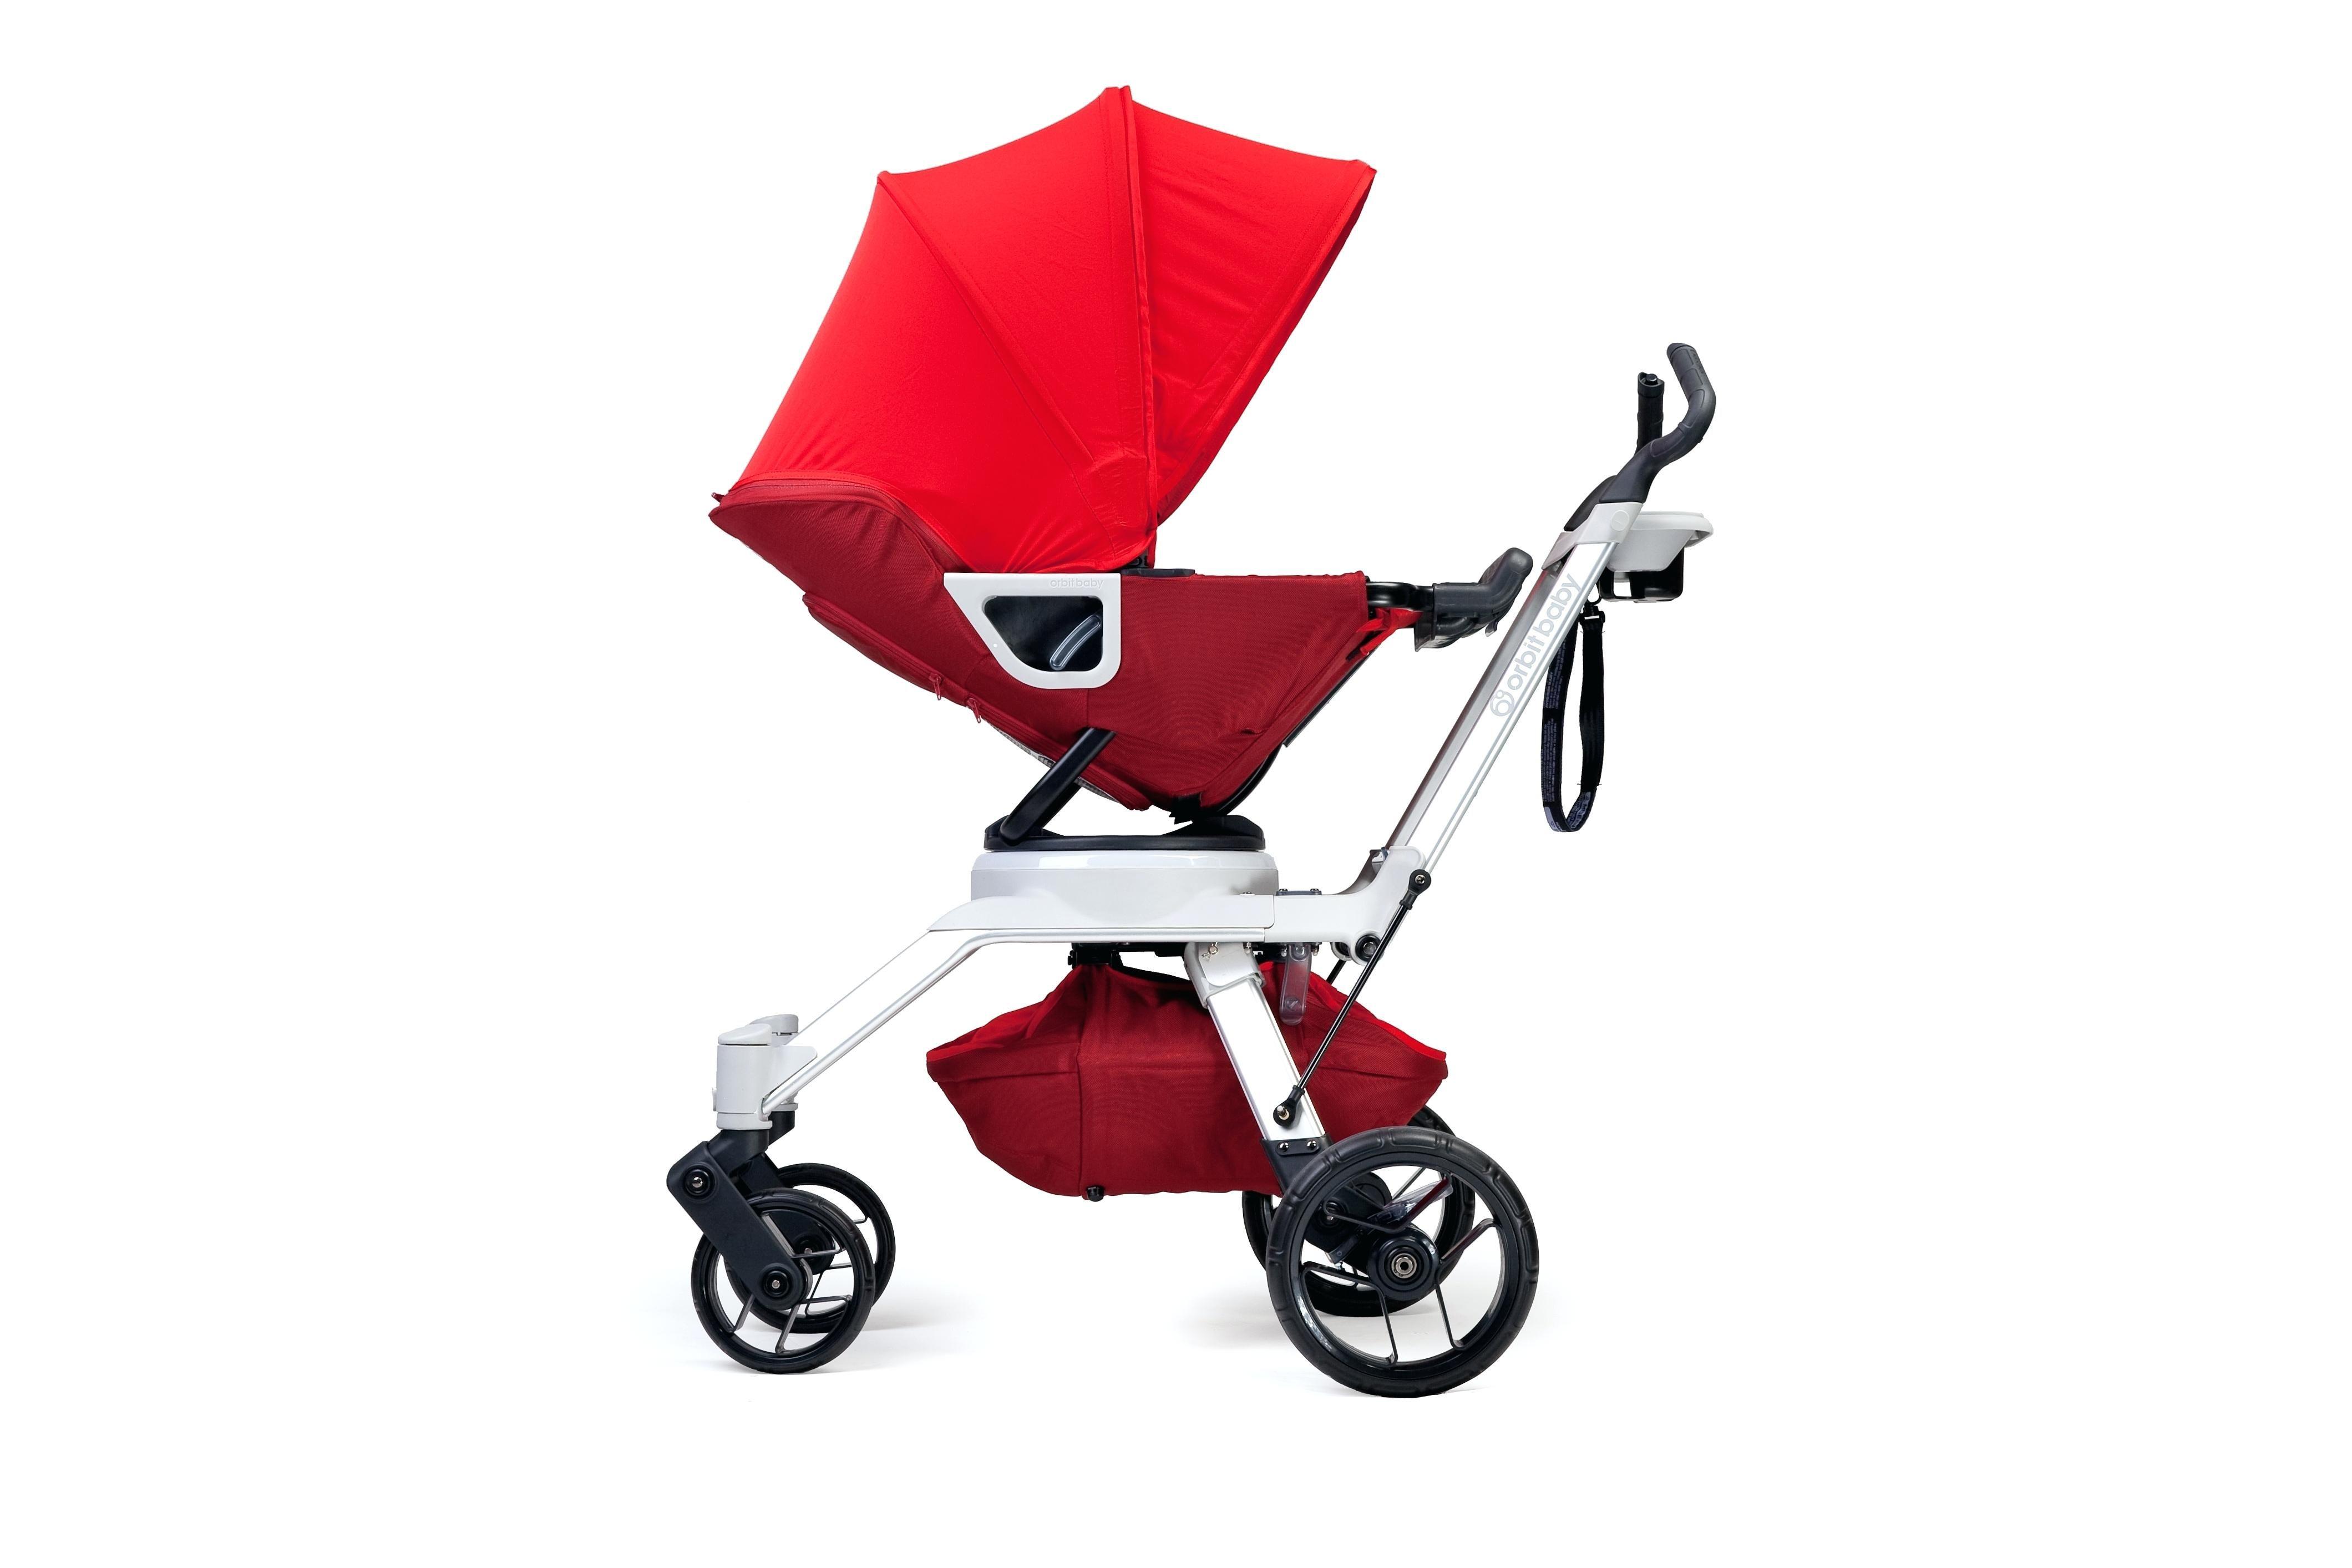 Pin von Kinderwagenmodelle auf KinderWagen Modelle